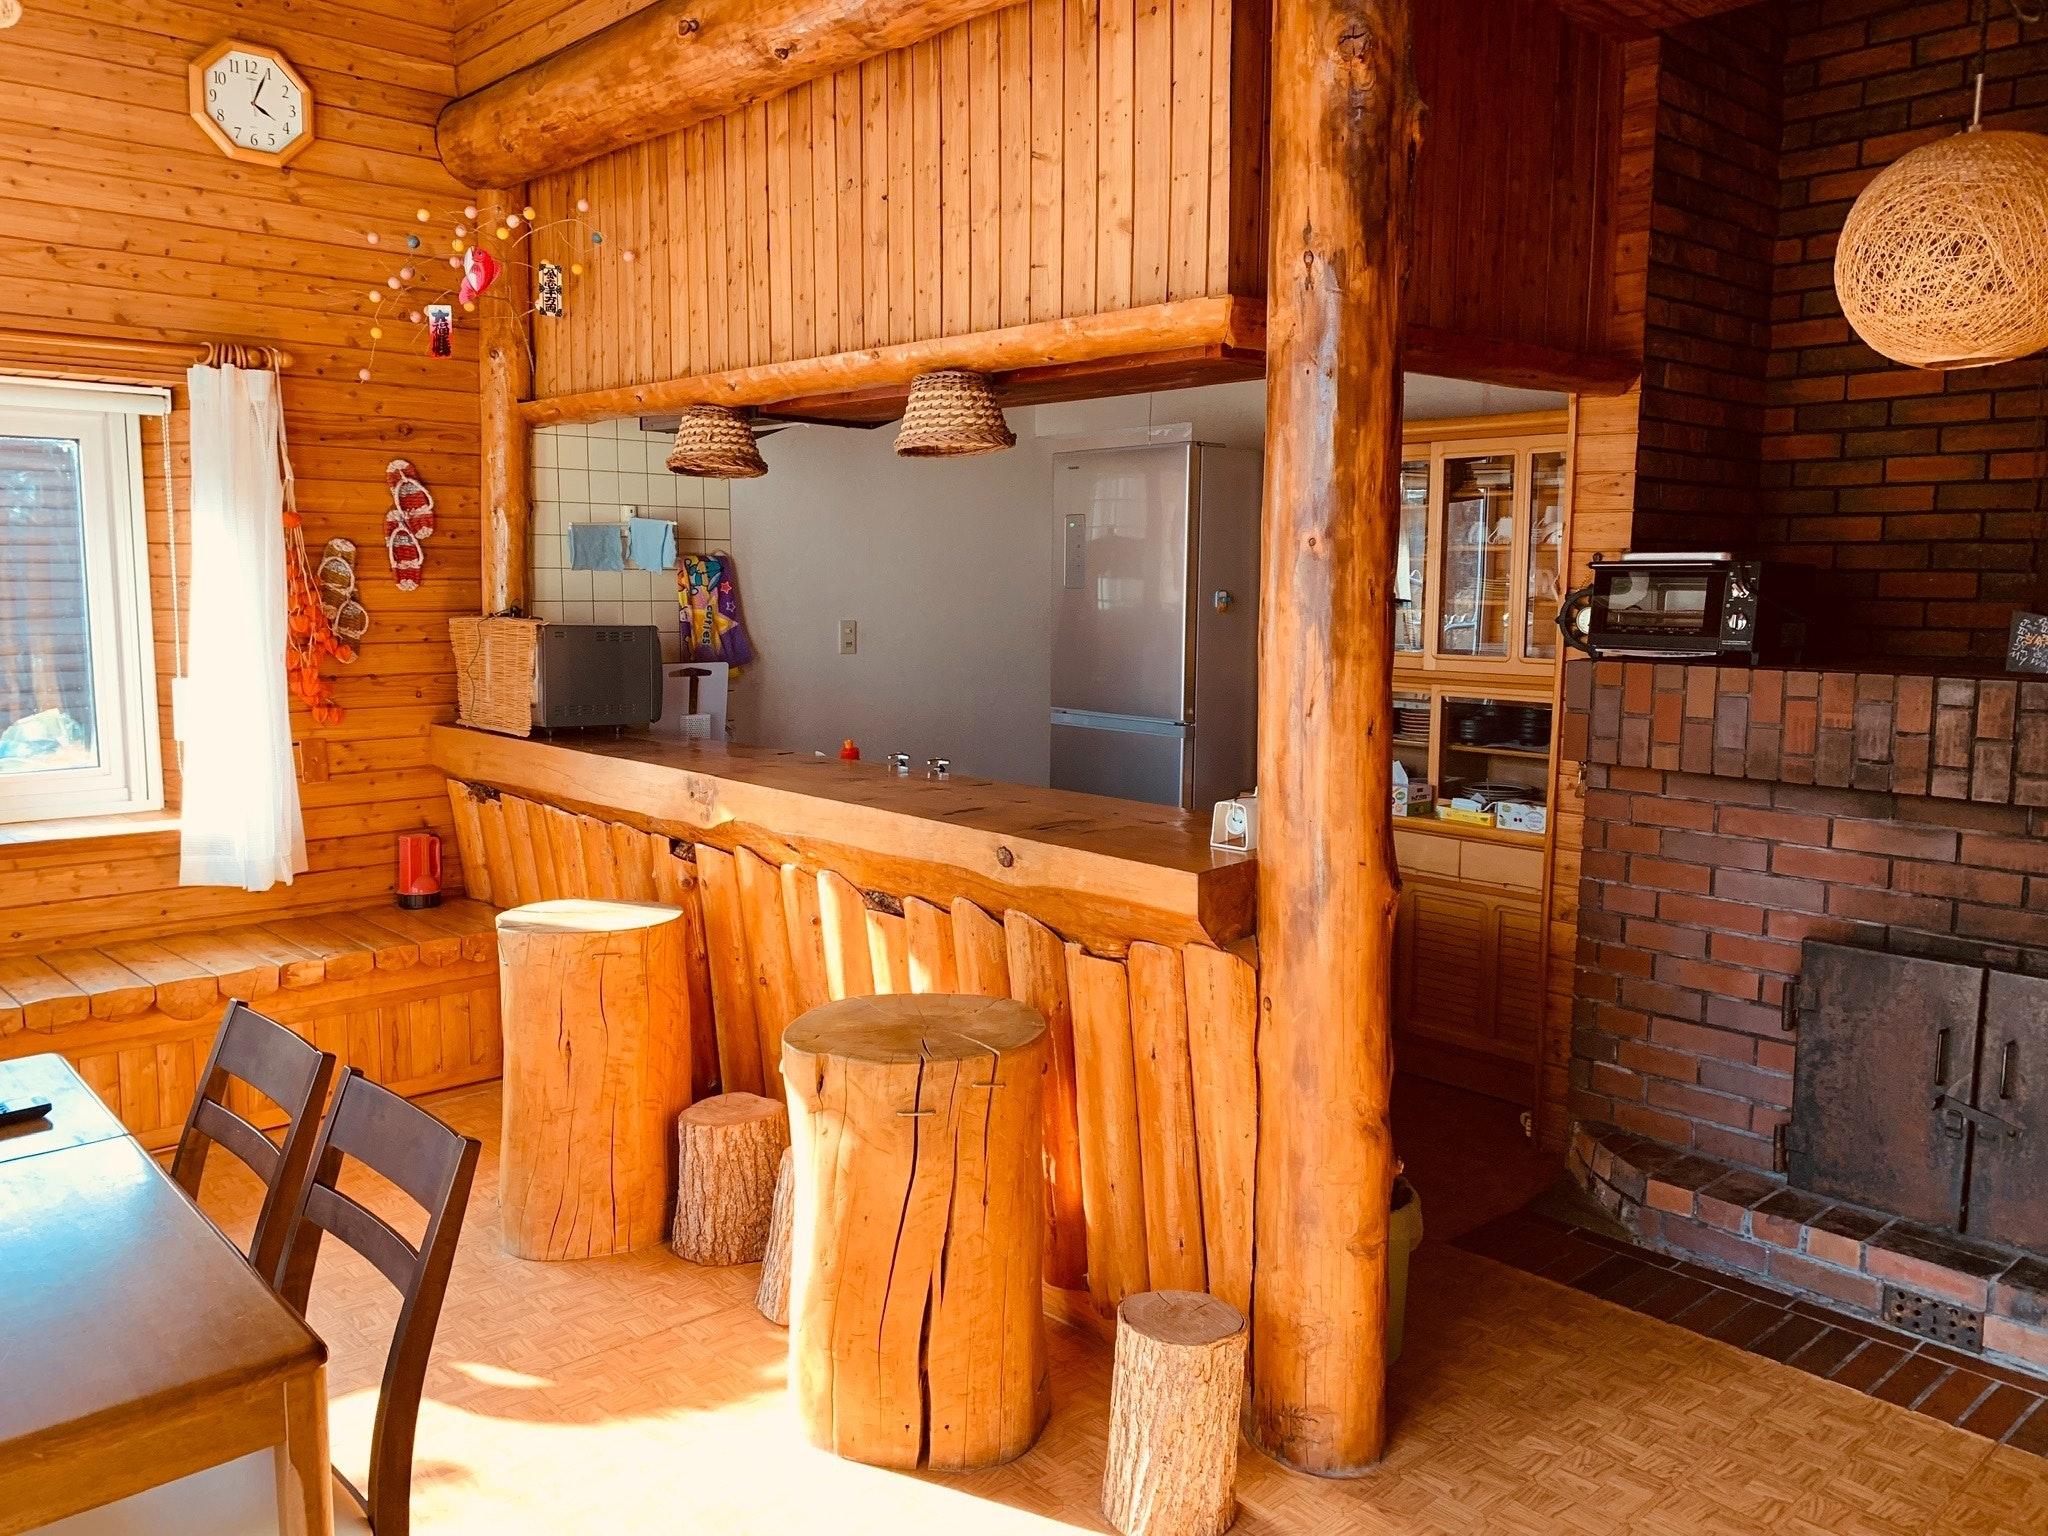 ハルズハウス2 天然温泉付きログハウス